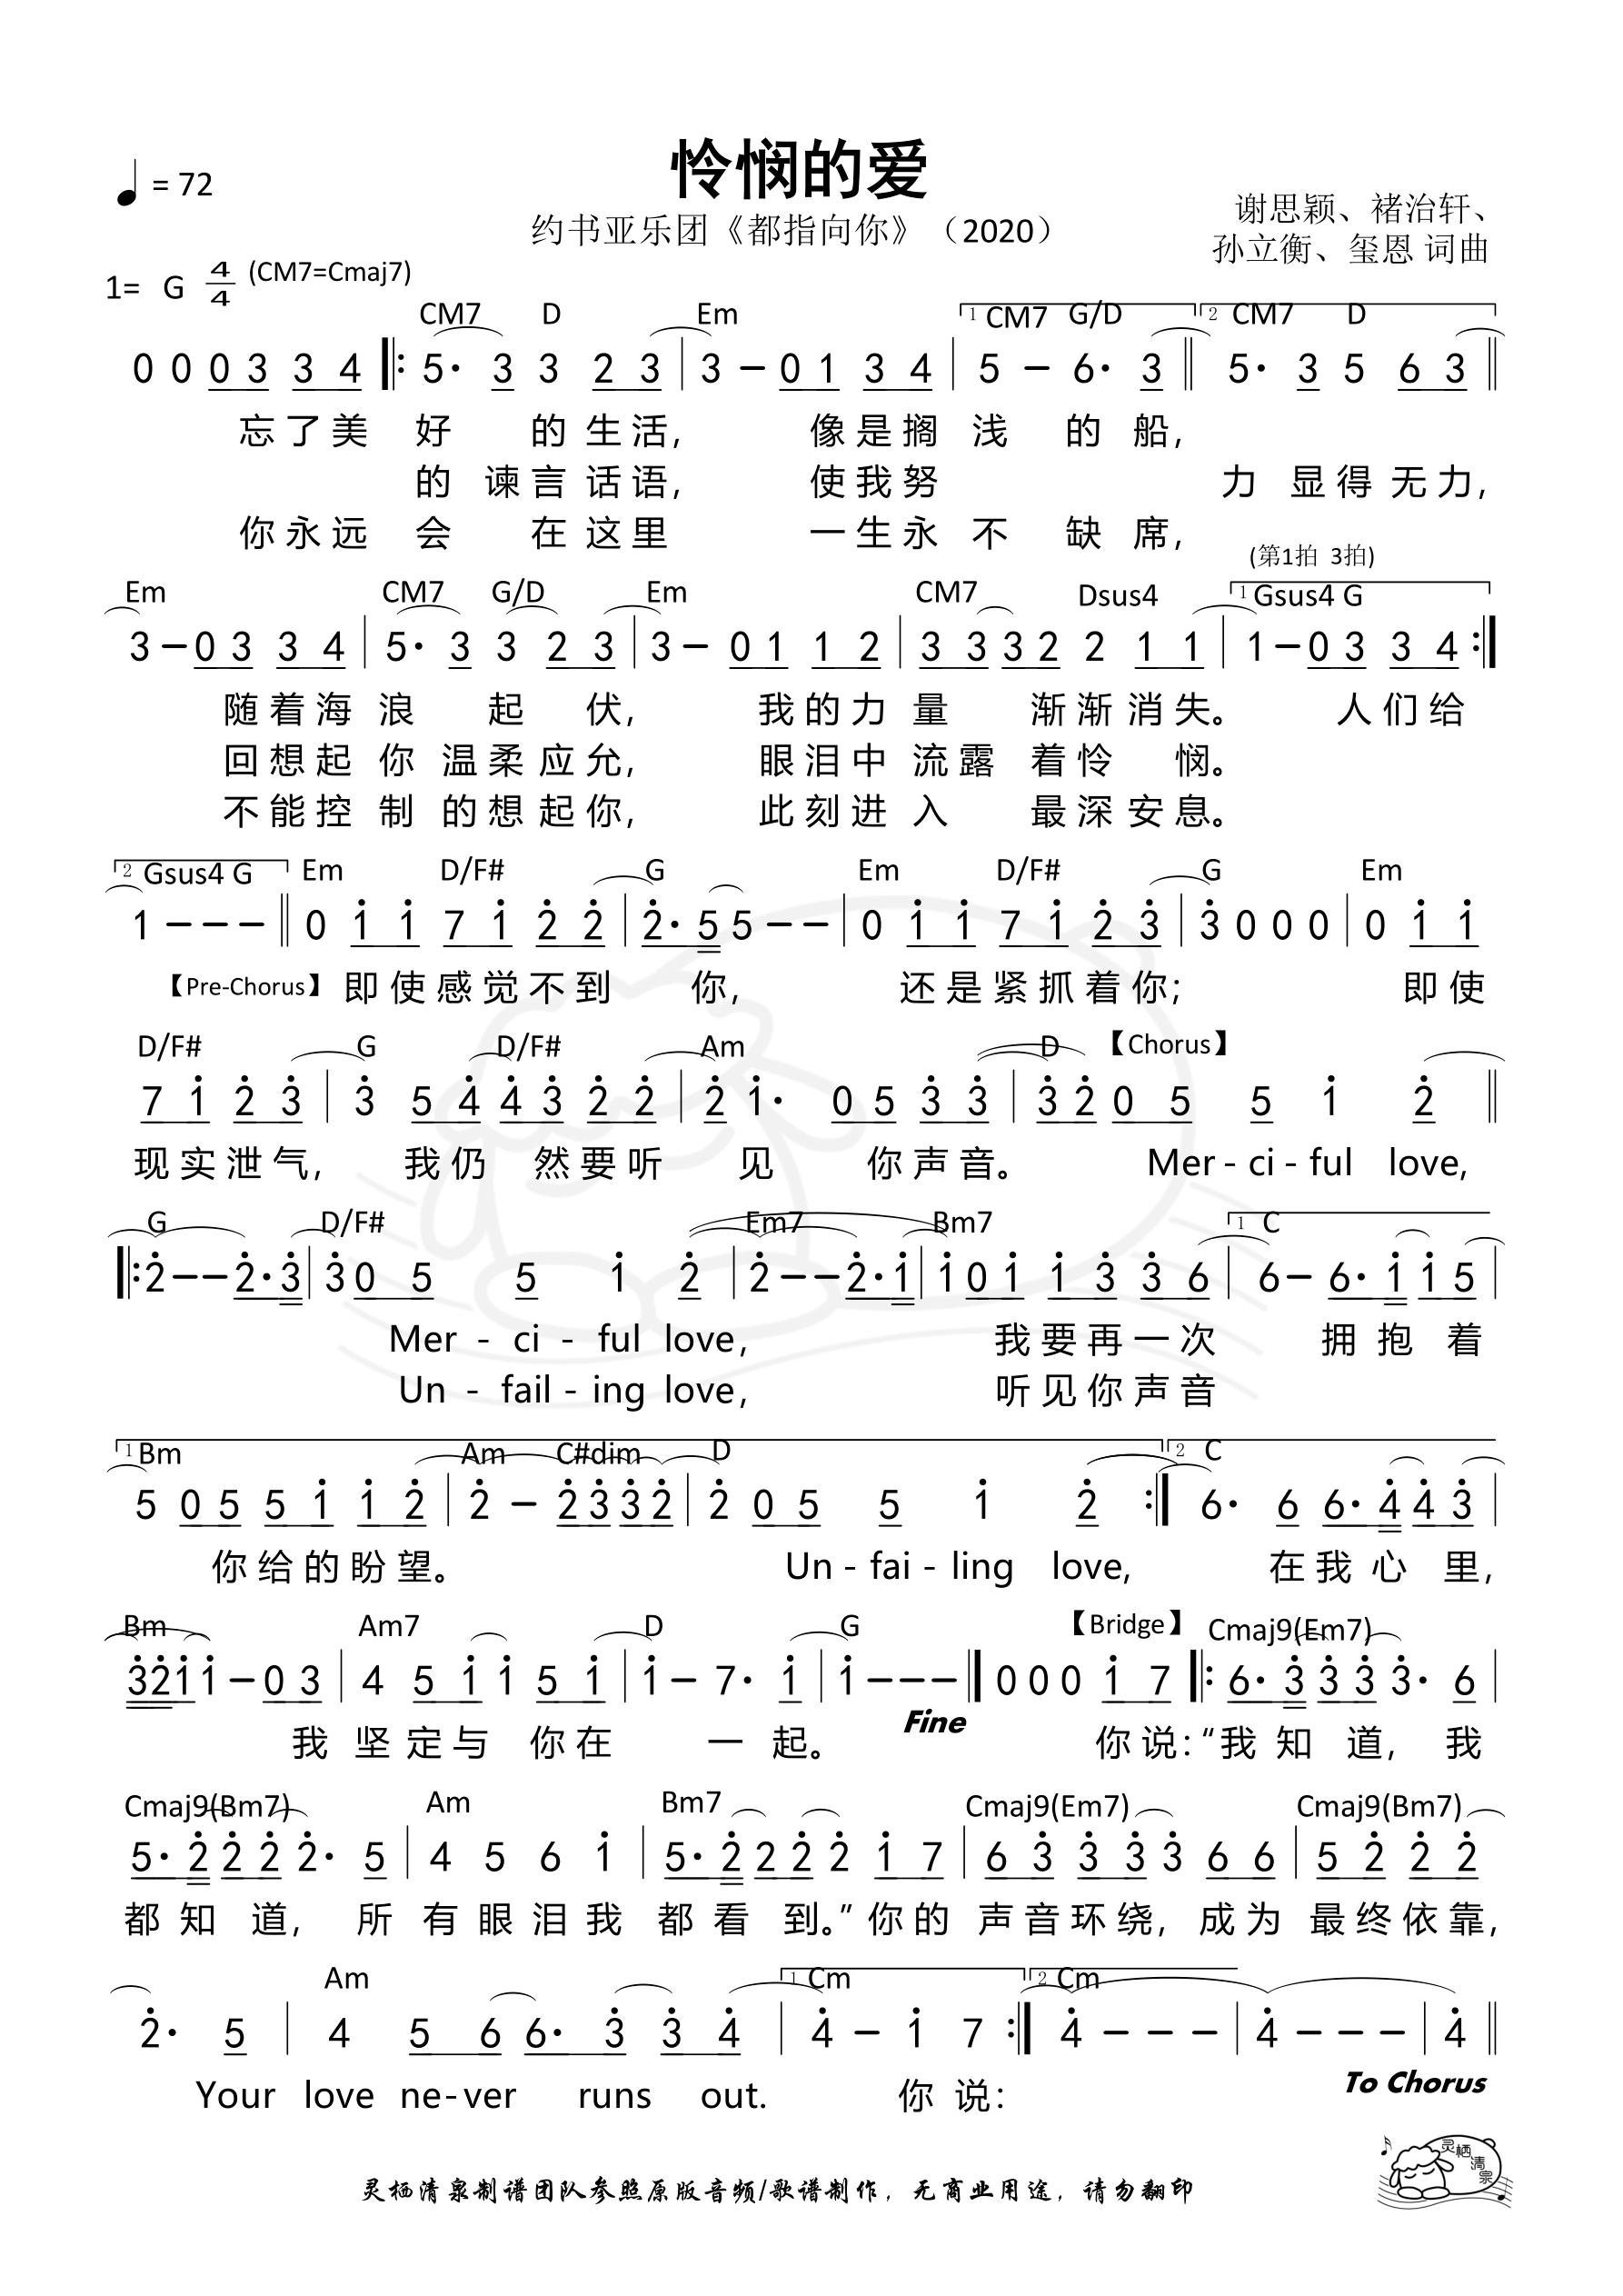 《第205首 - 怜悯的爱 和弦简谱》